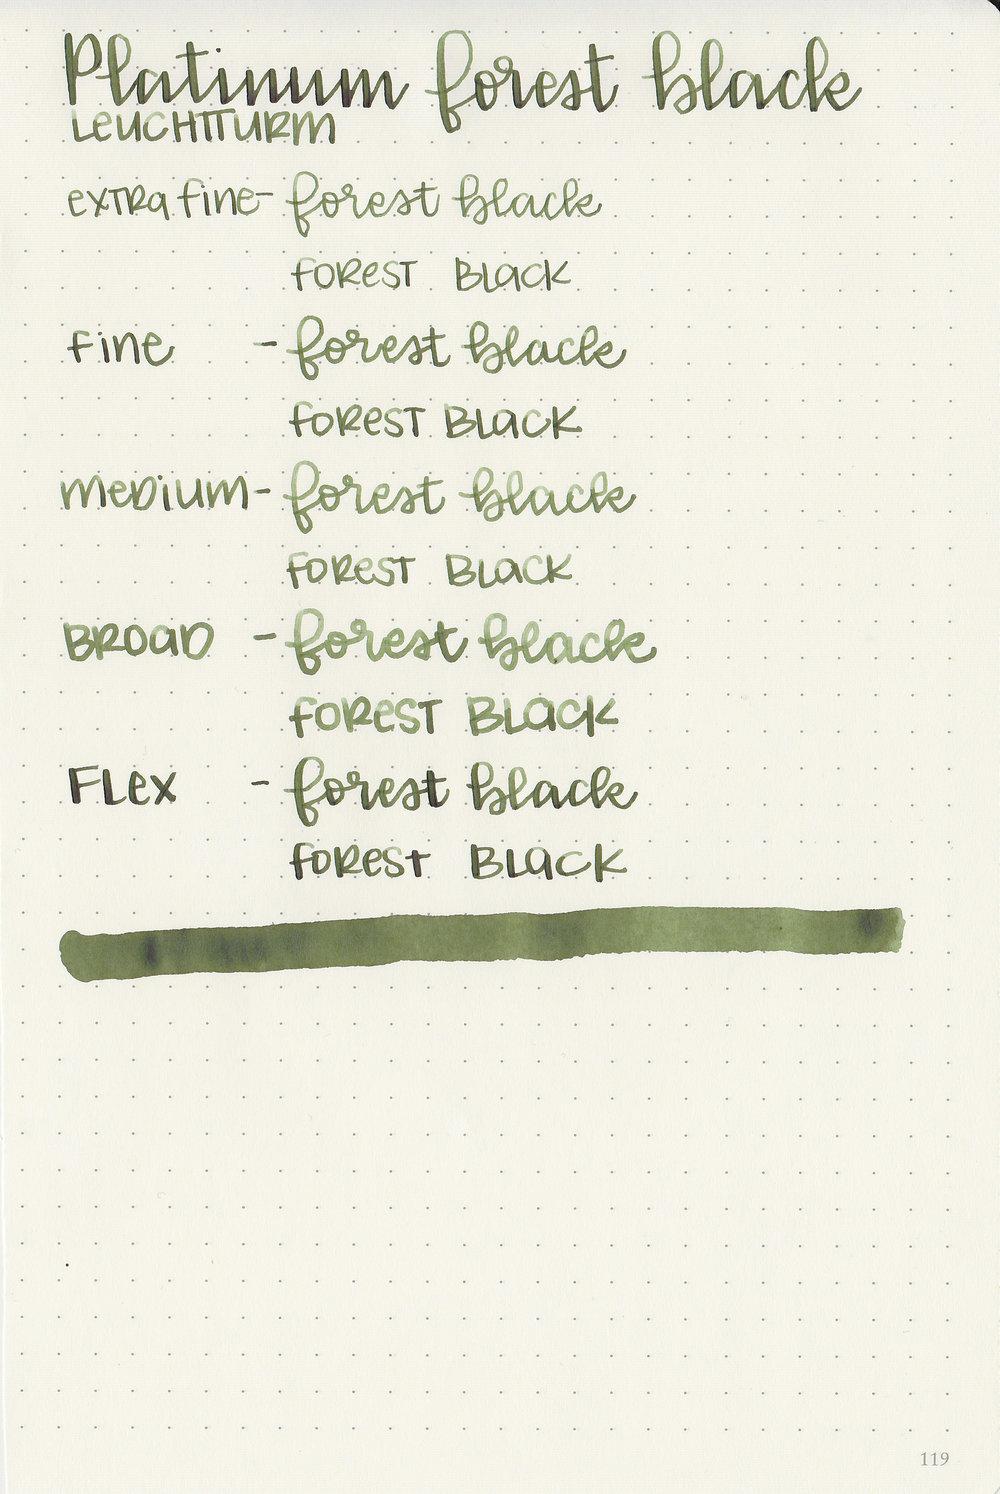 pl-forest-black-7.jpg